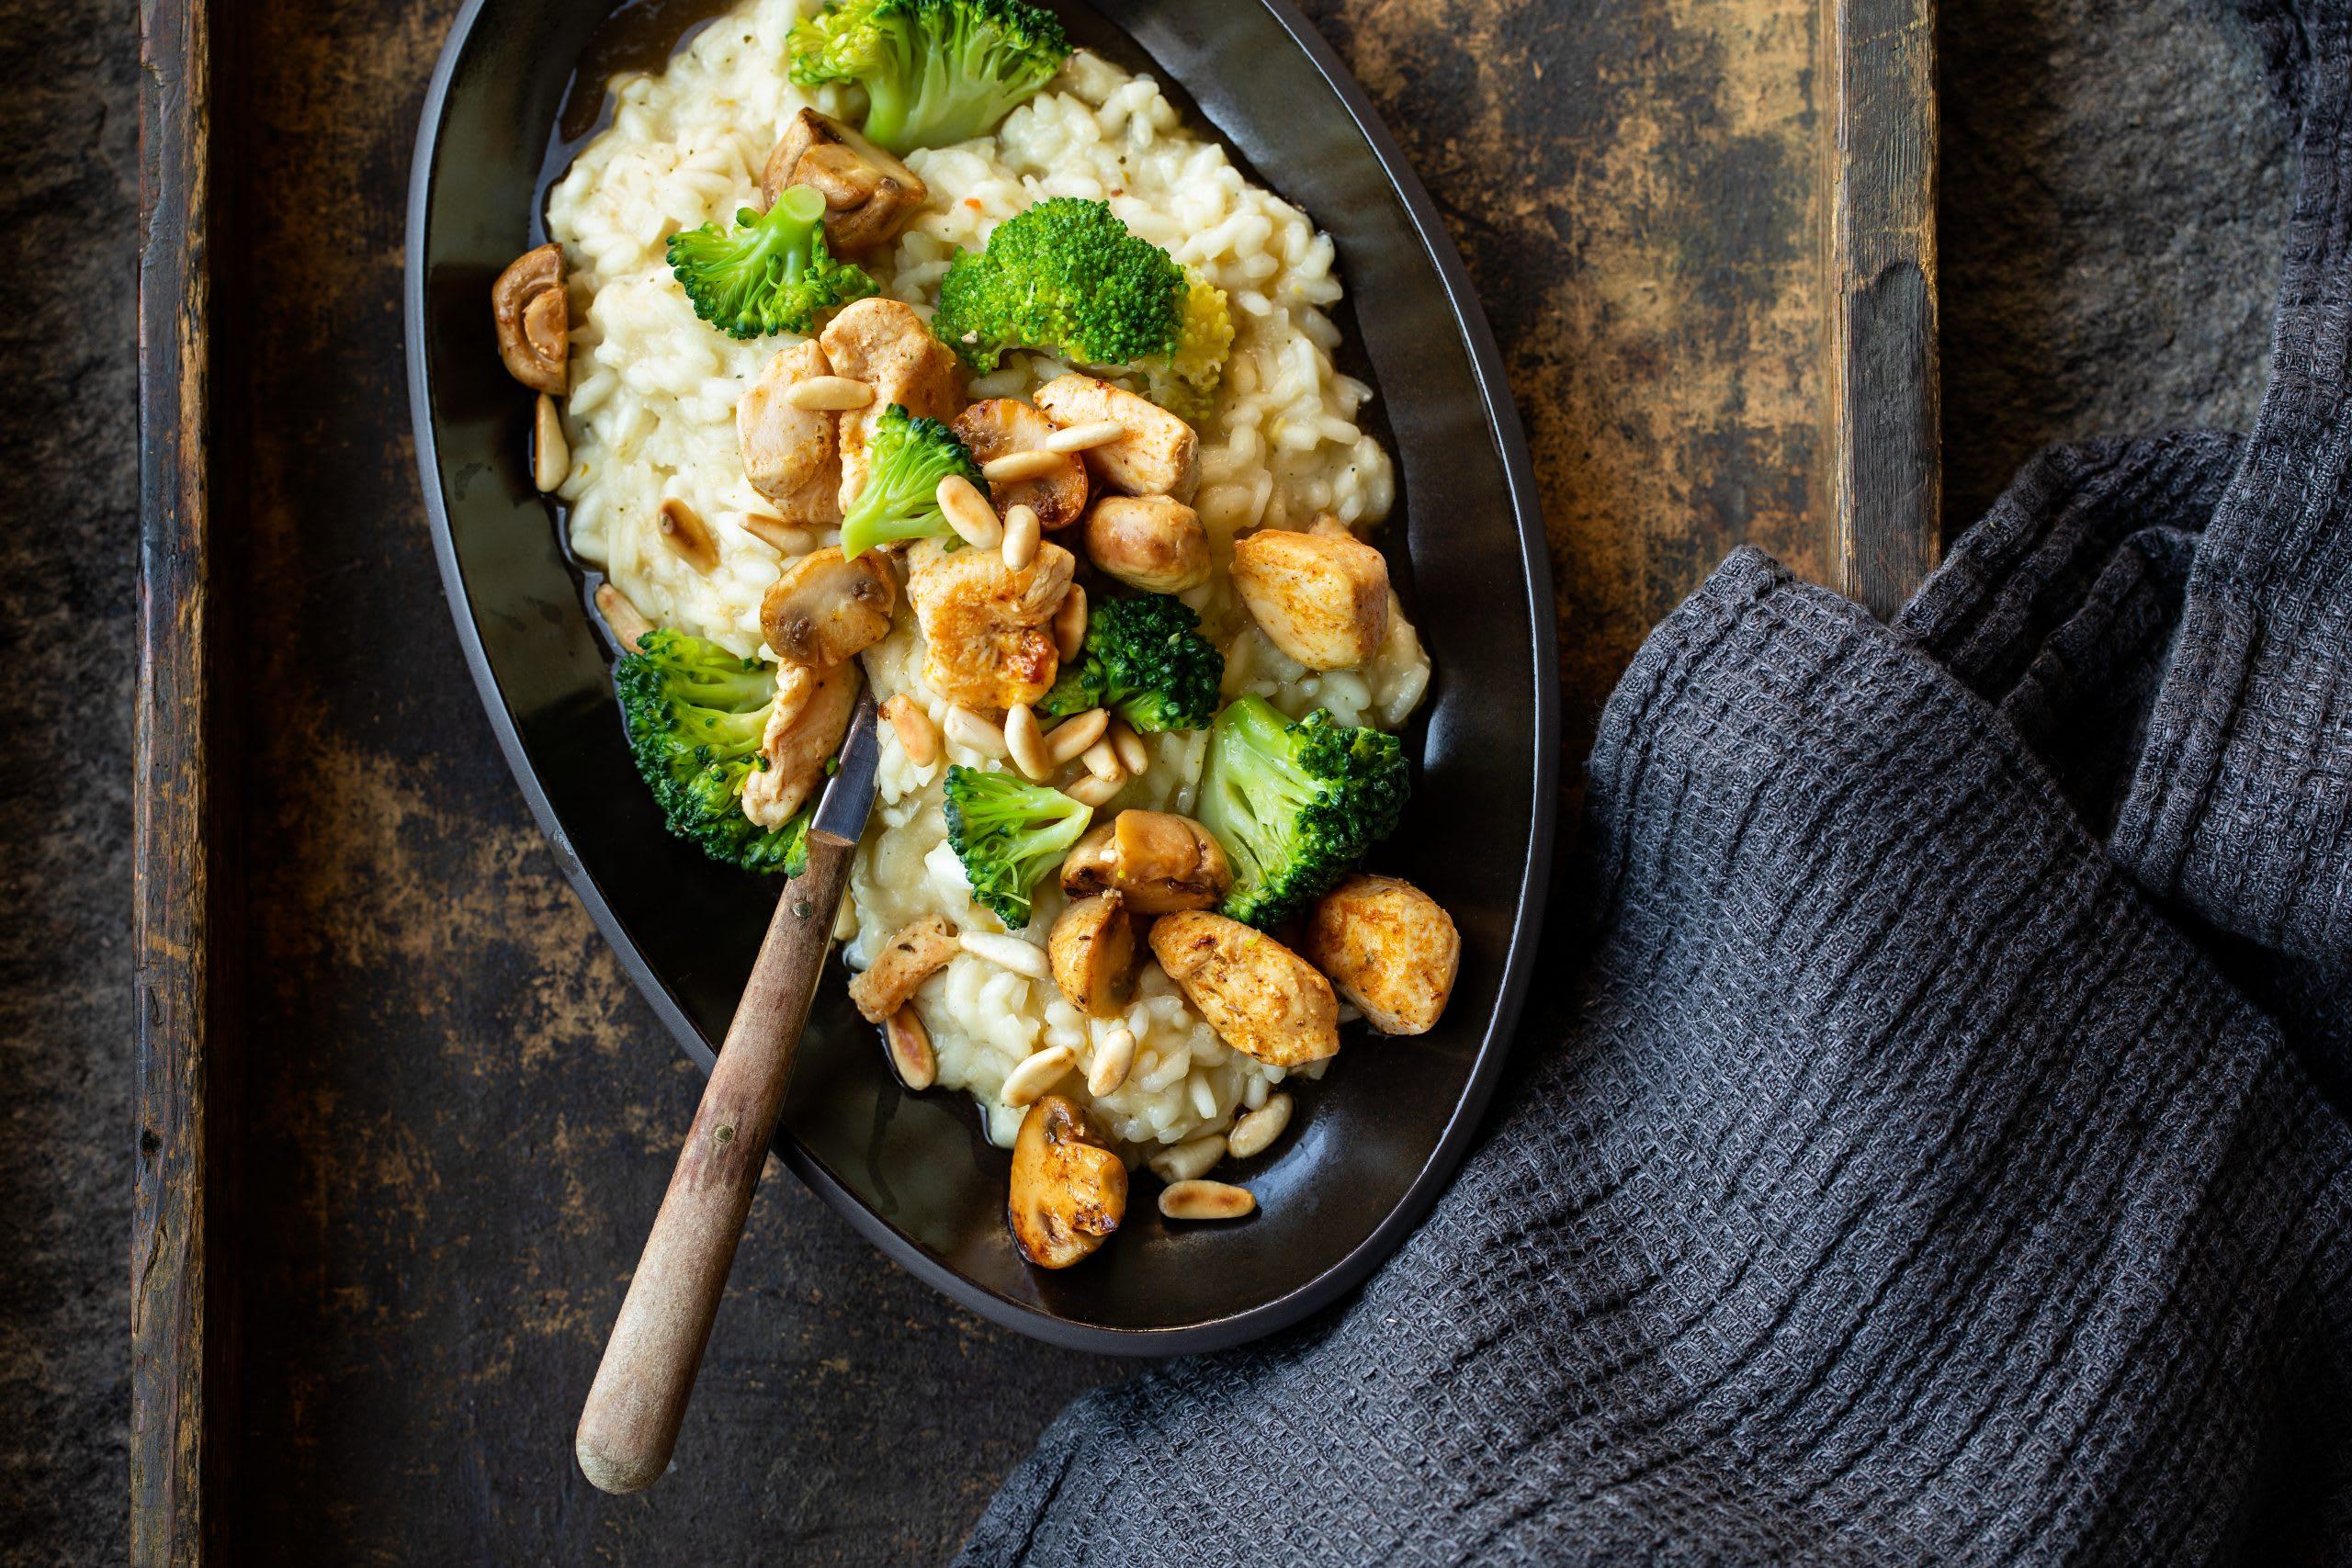 Risotto au babeurre, poulet, brocoli et champignons